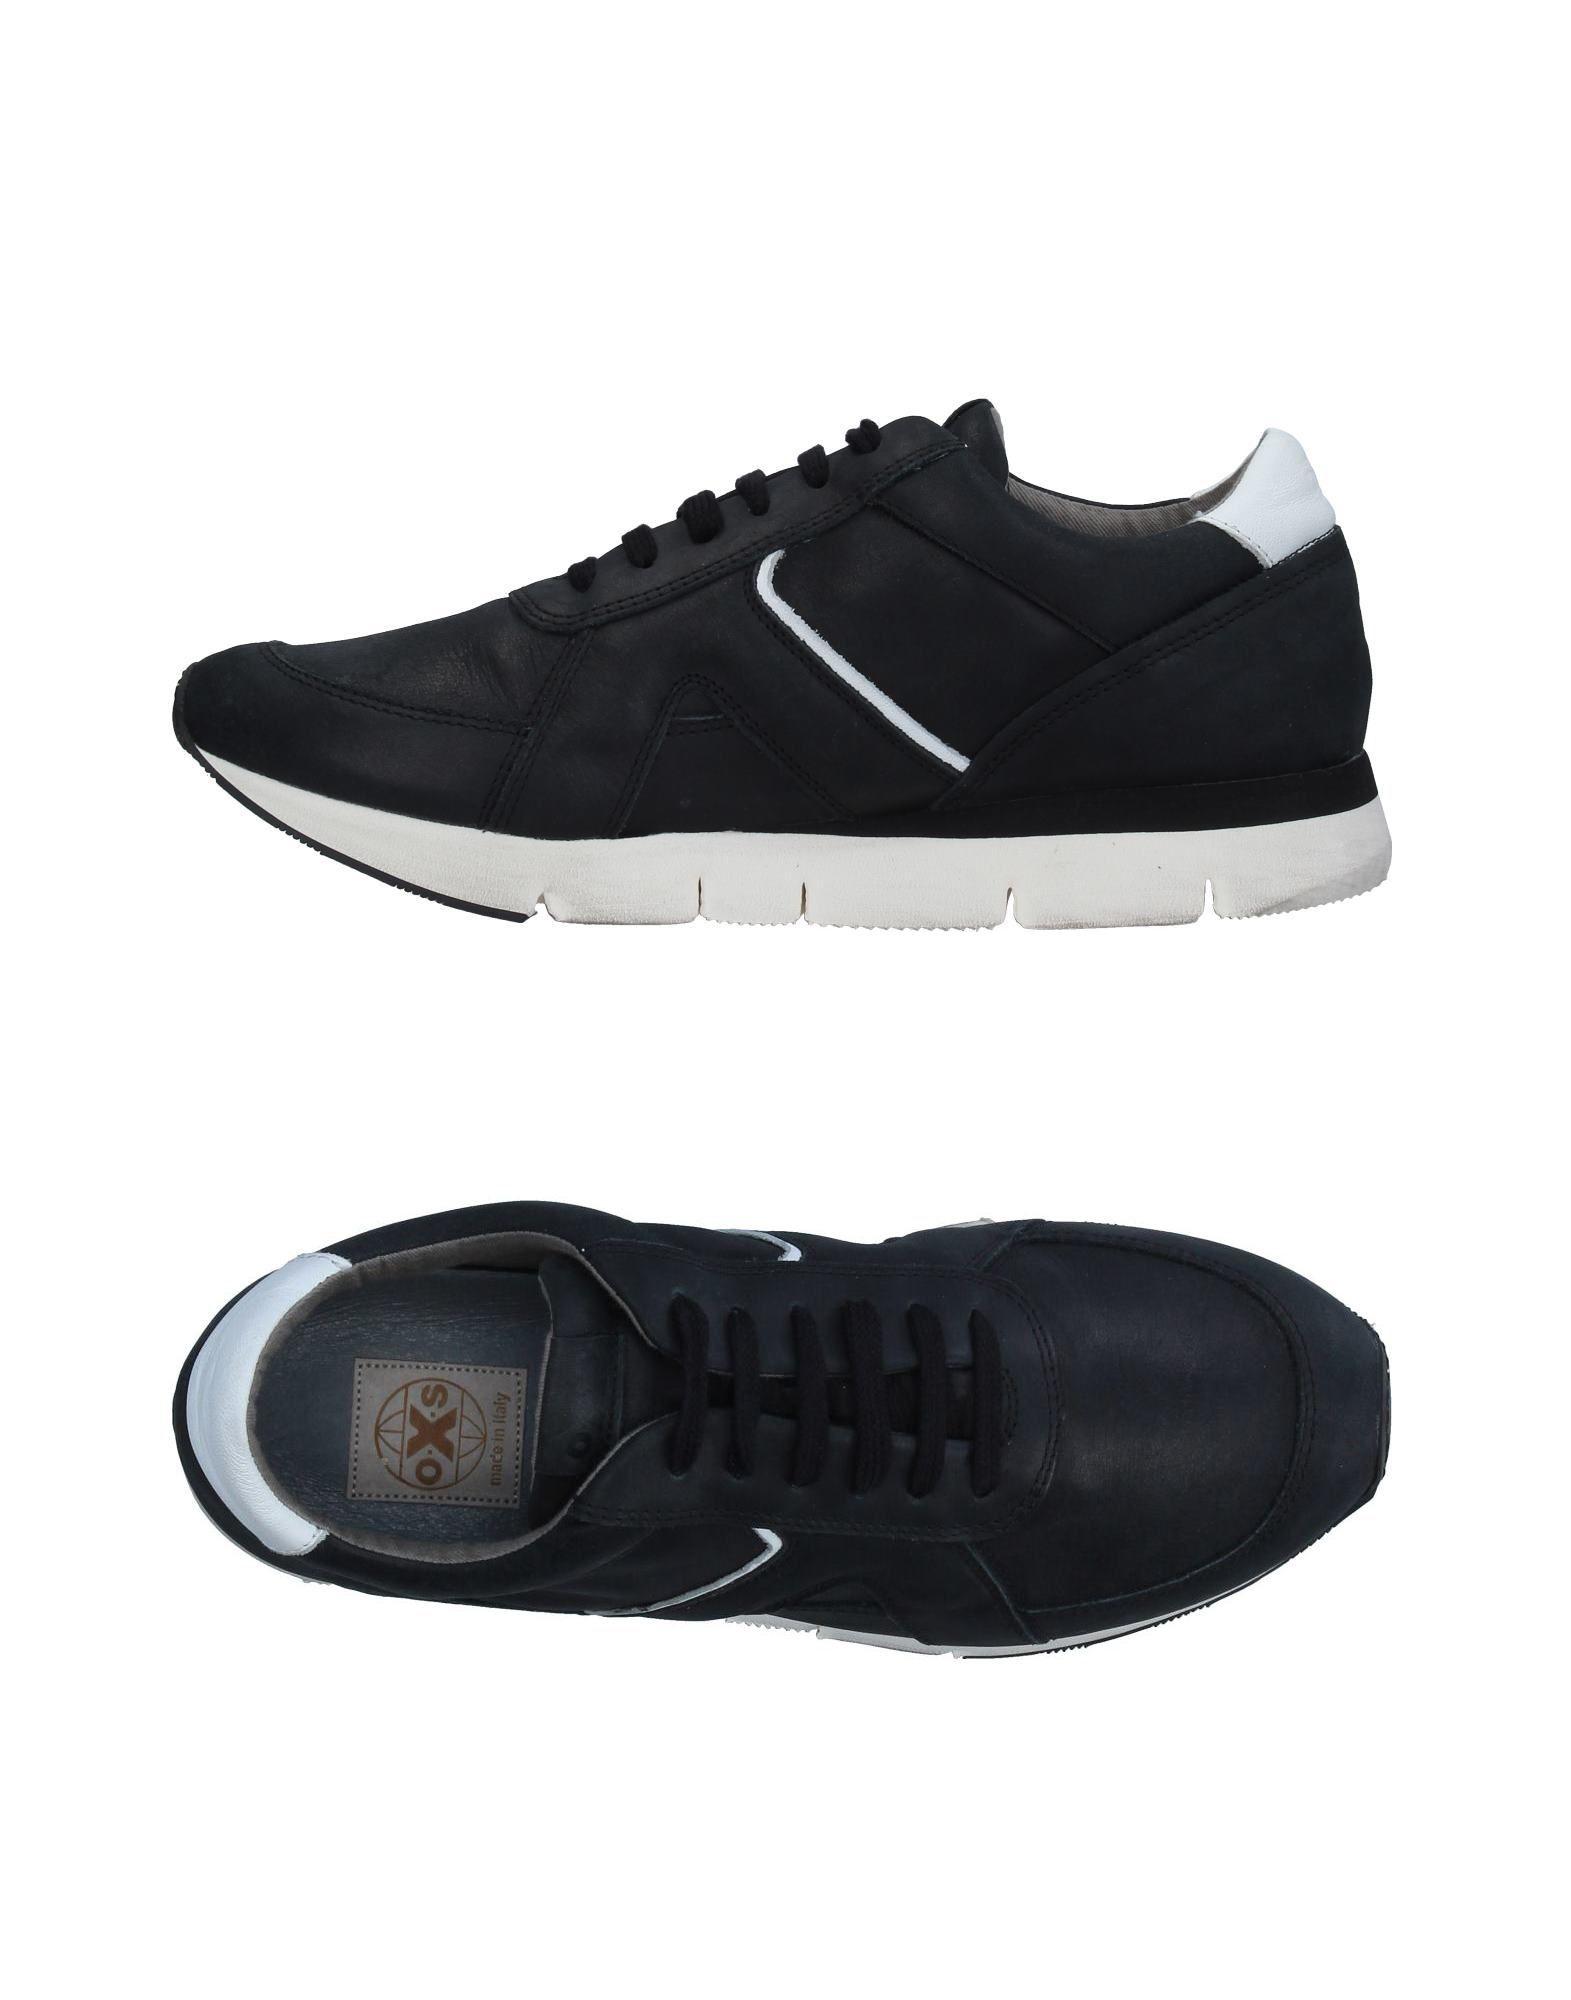 O.X.S. Sneakers Damen  11339299RS Gute Qualität beliebte Schuhe